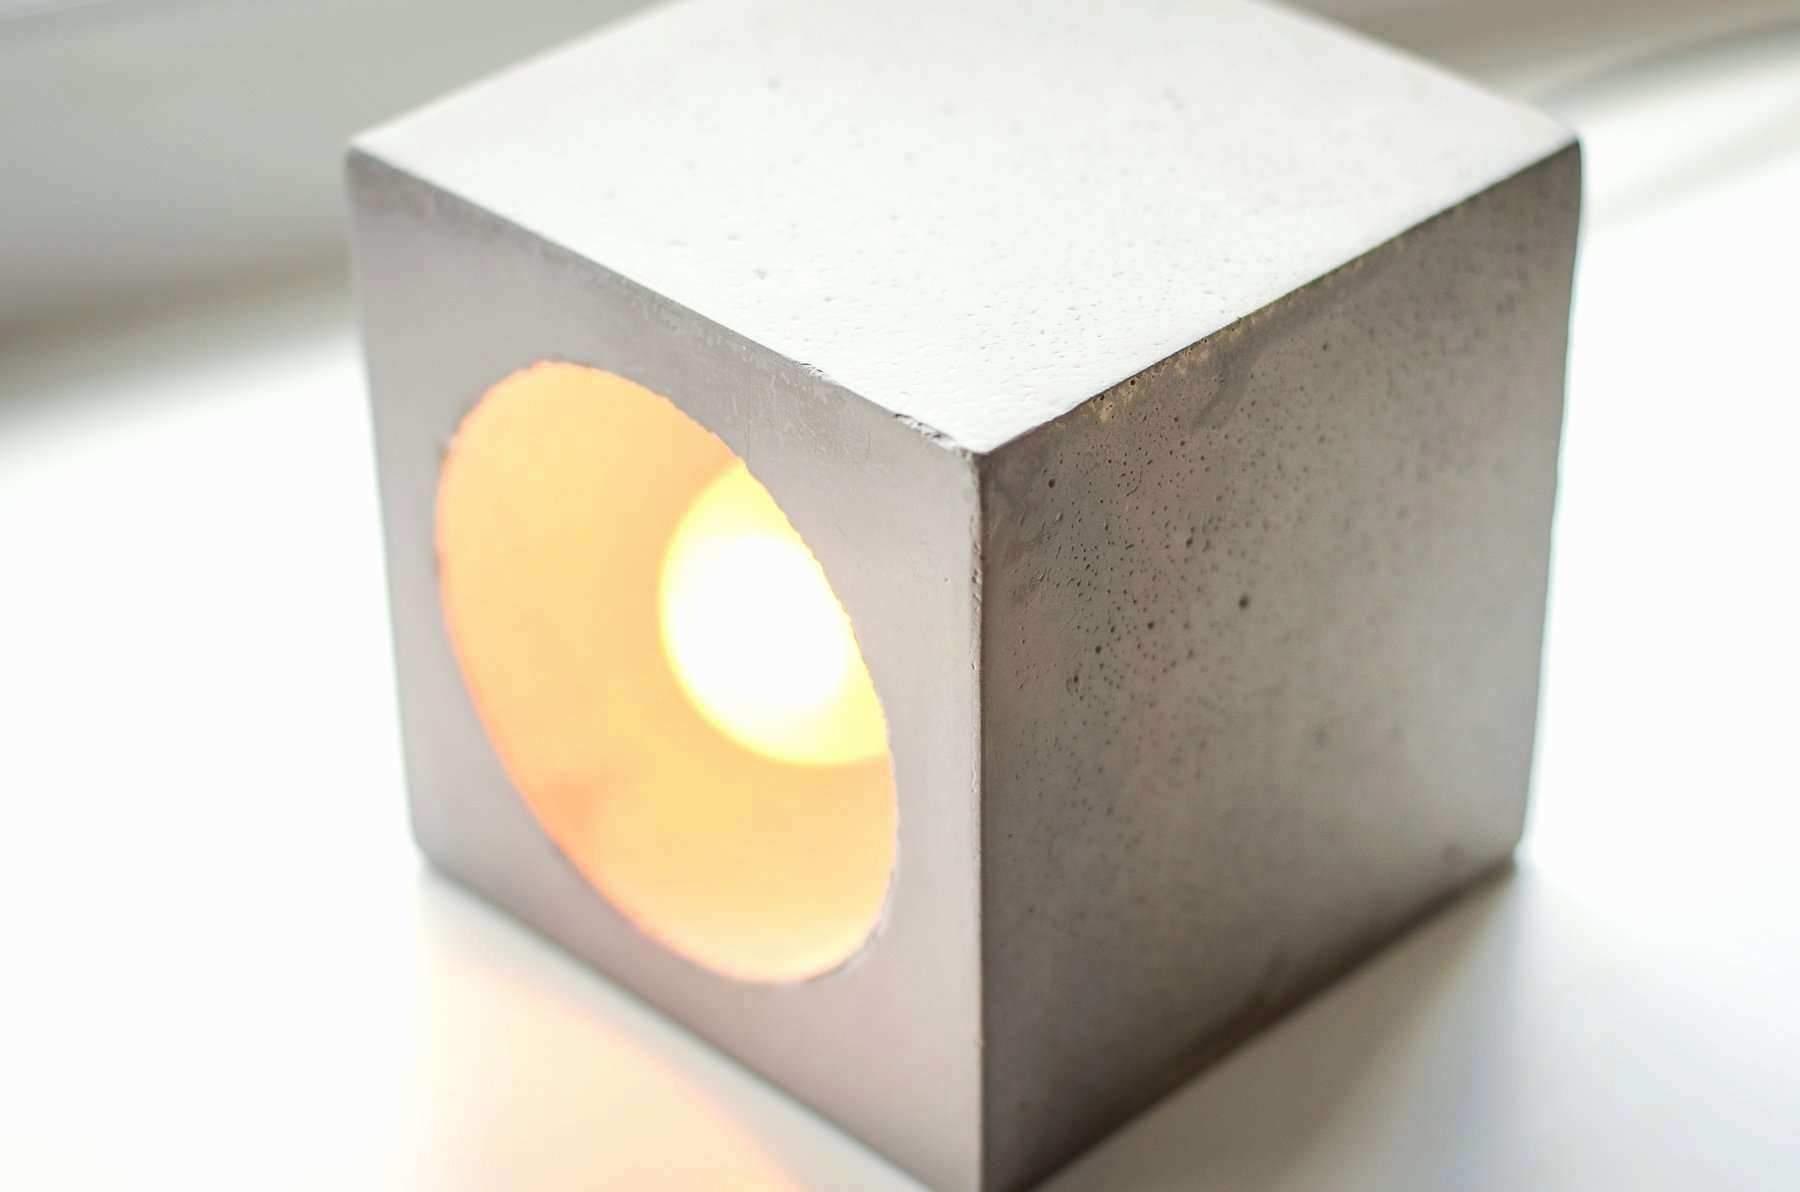 led lampen fur garten frisch 45 kollektion licht im garten bild planen von led lampen of led lampen fur garten